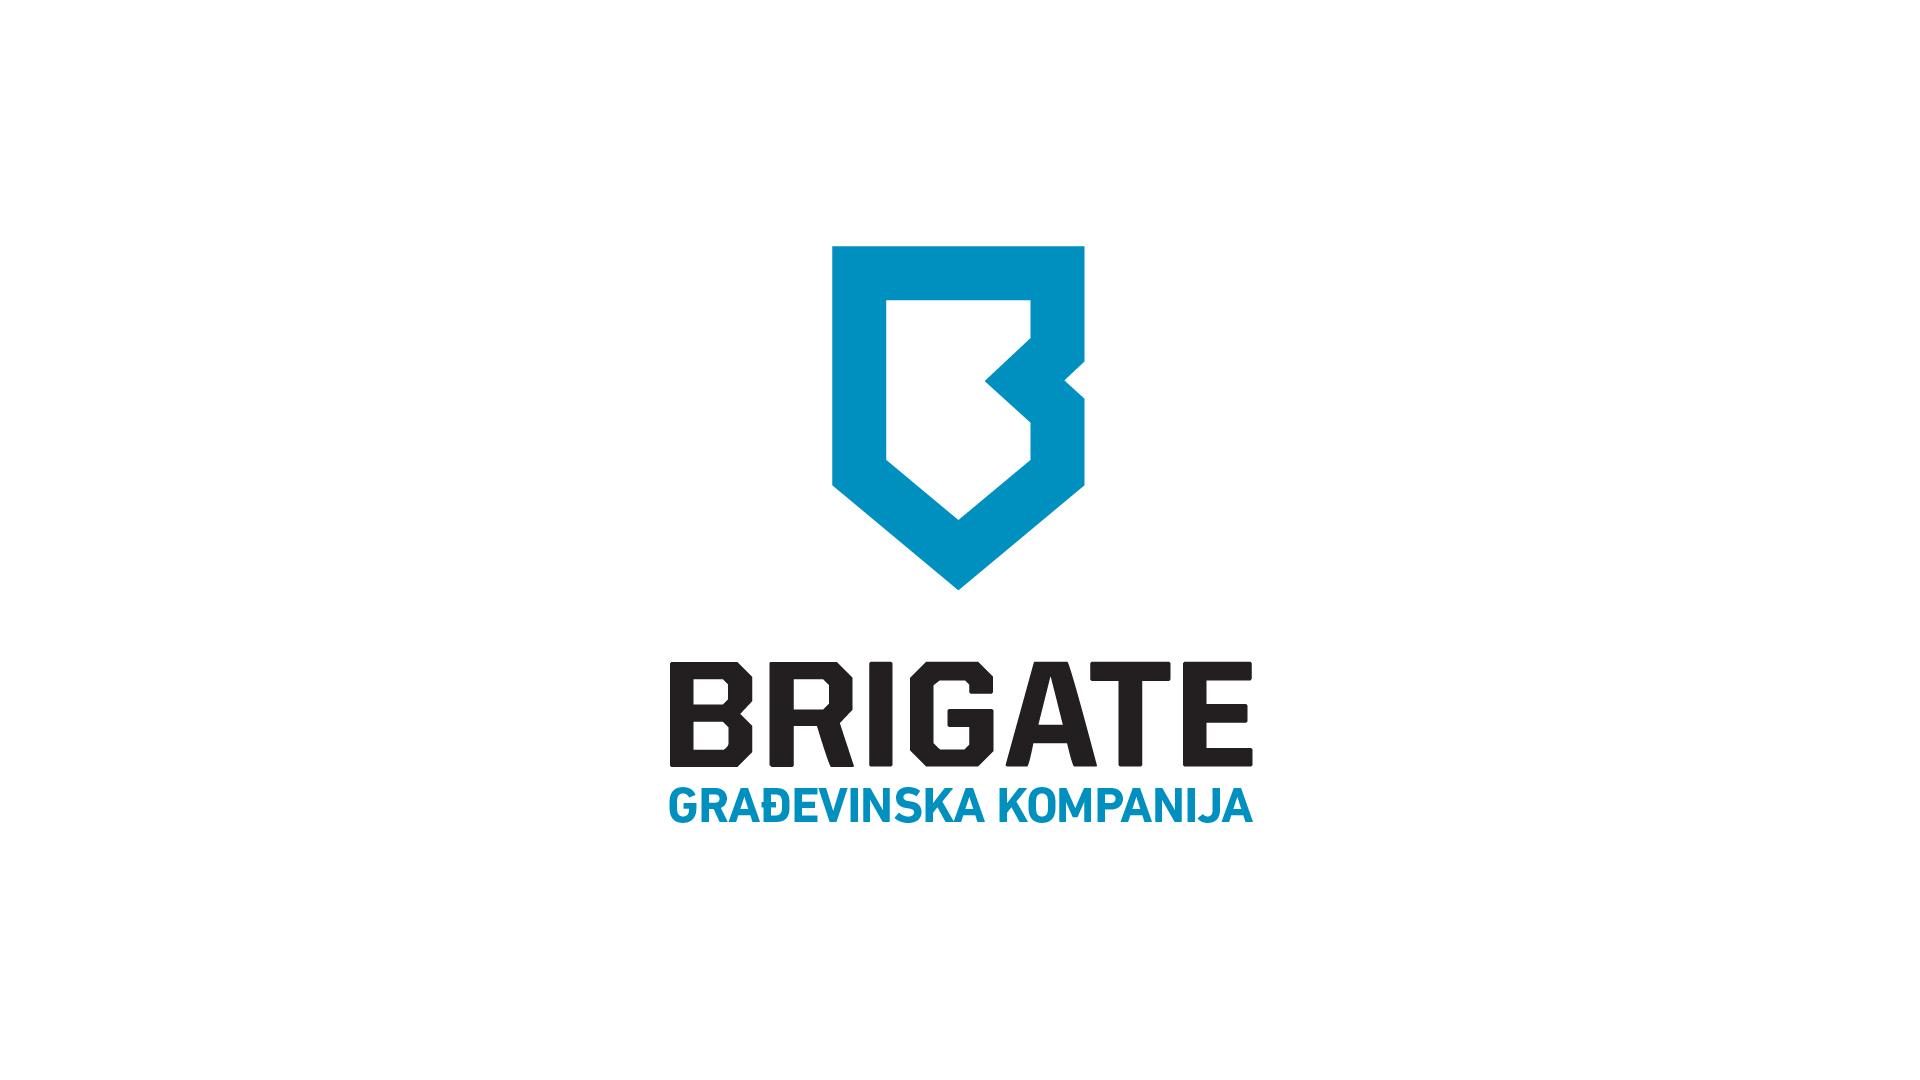 01_Brigate